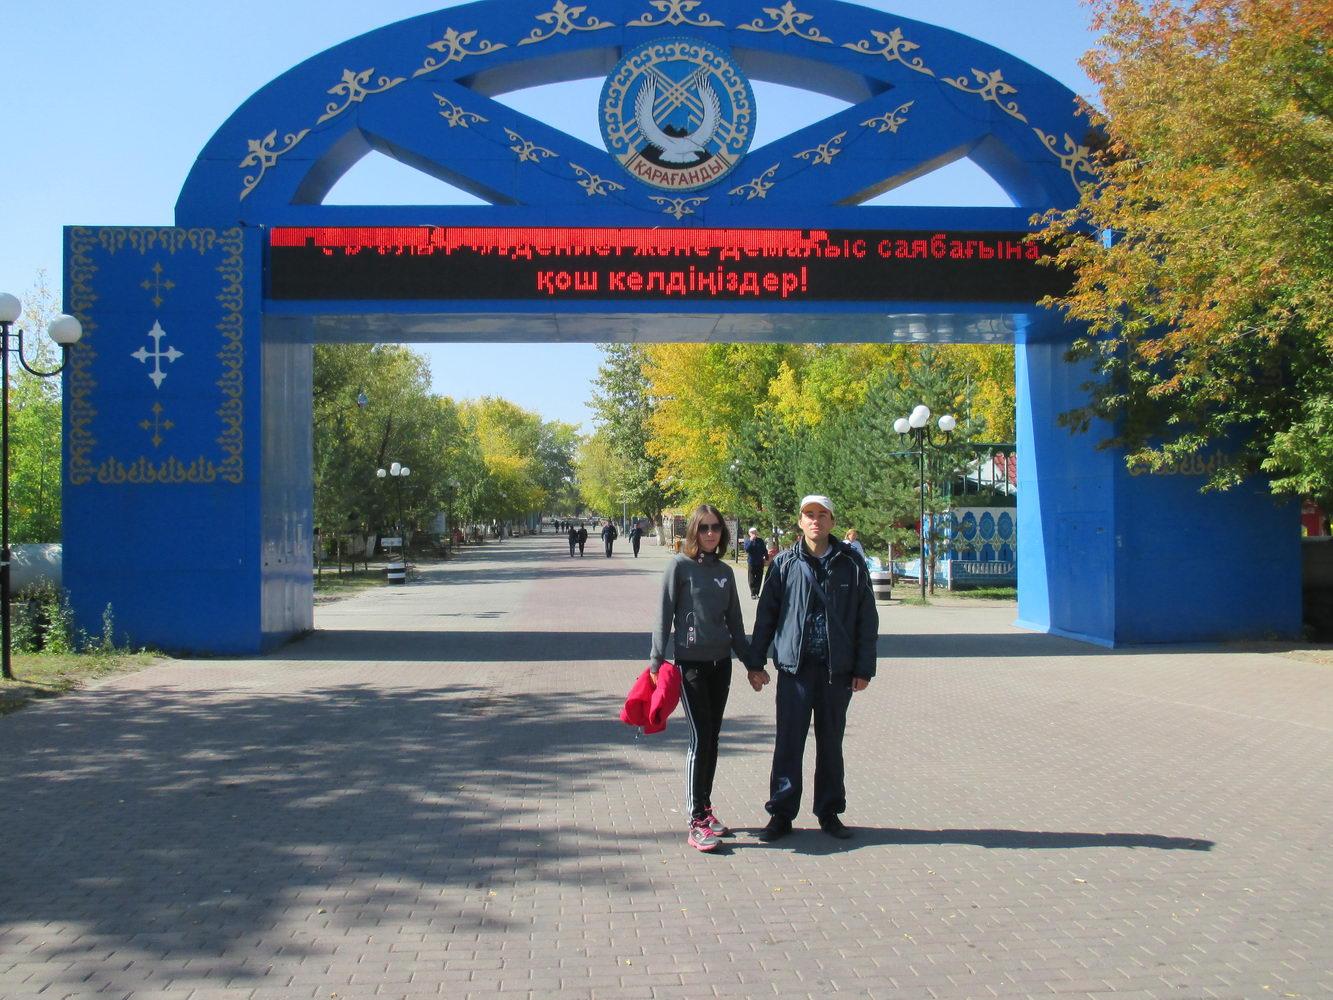 вход в парк. караганда. путешествие автостопом в казахстан